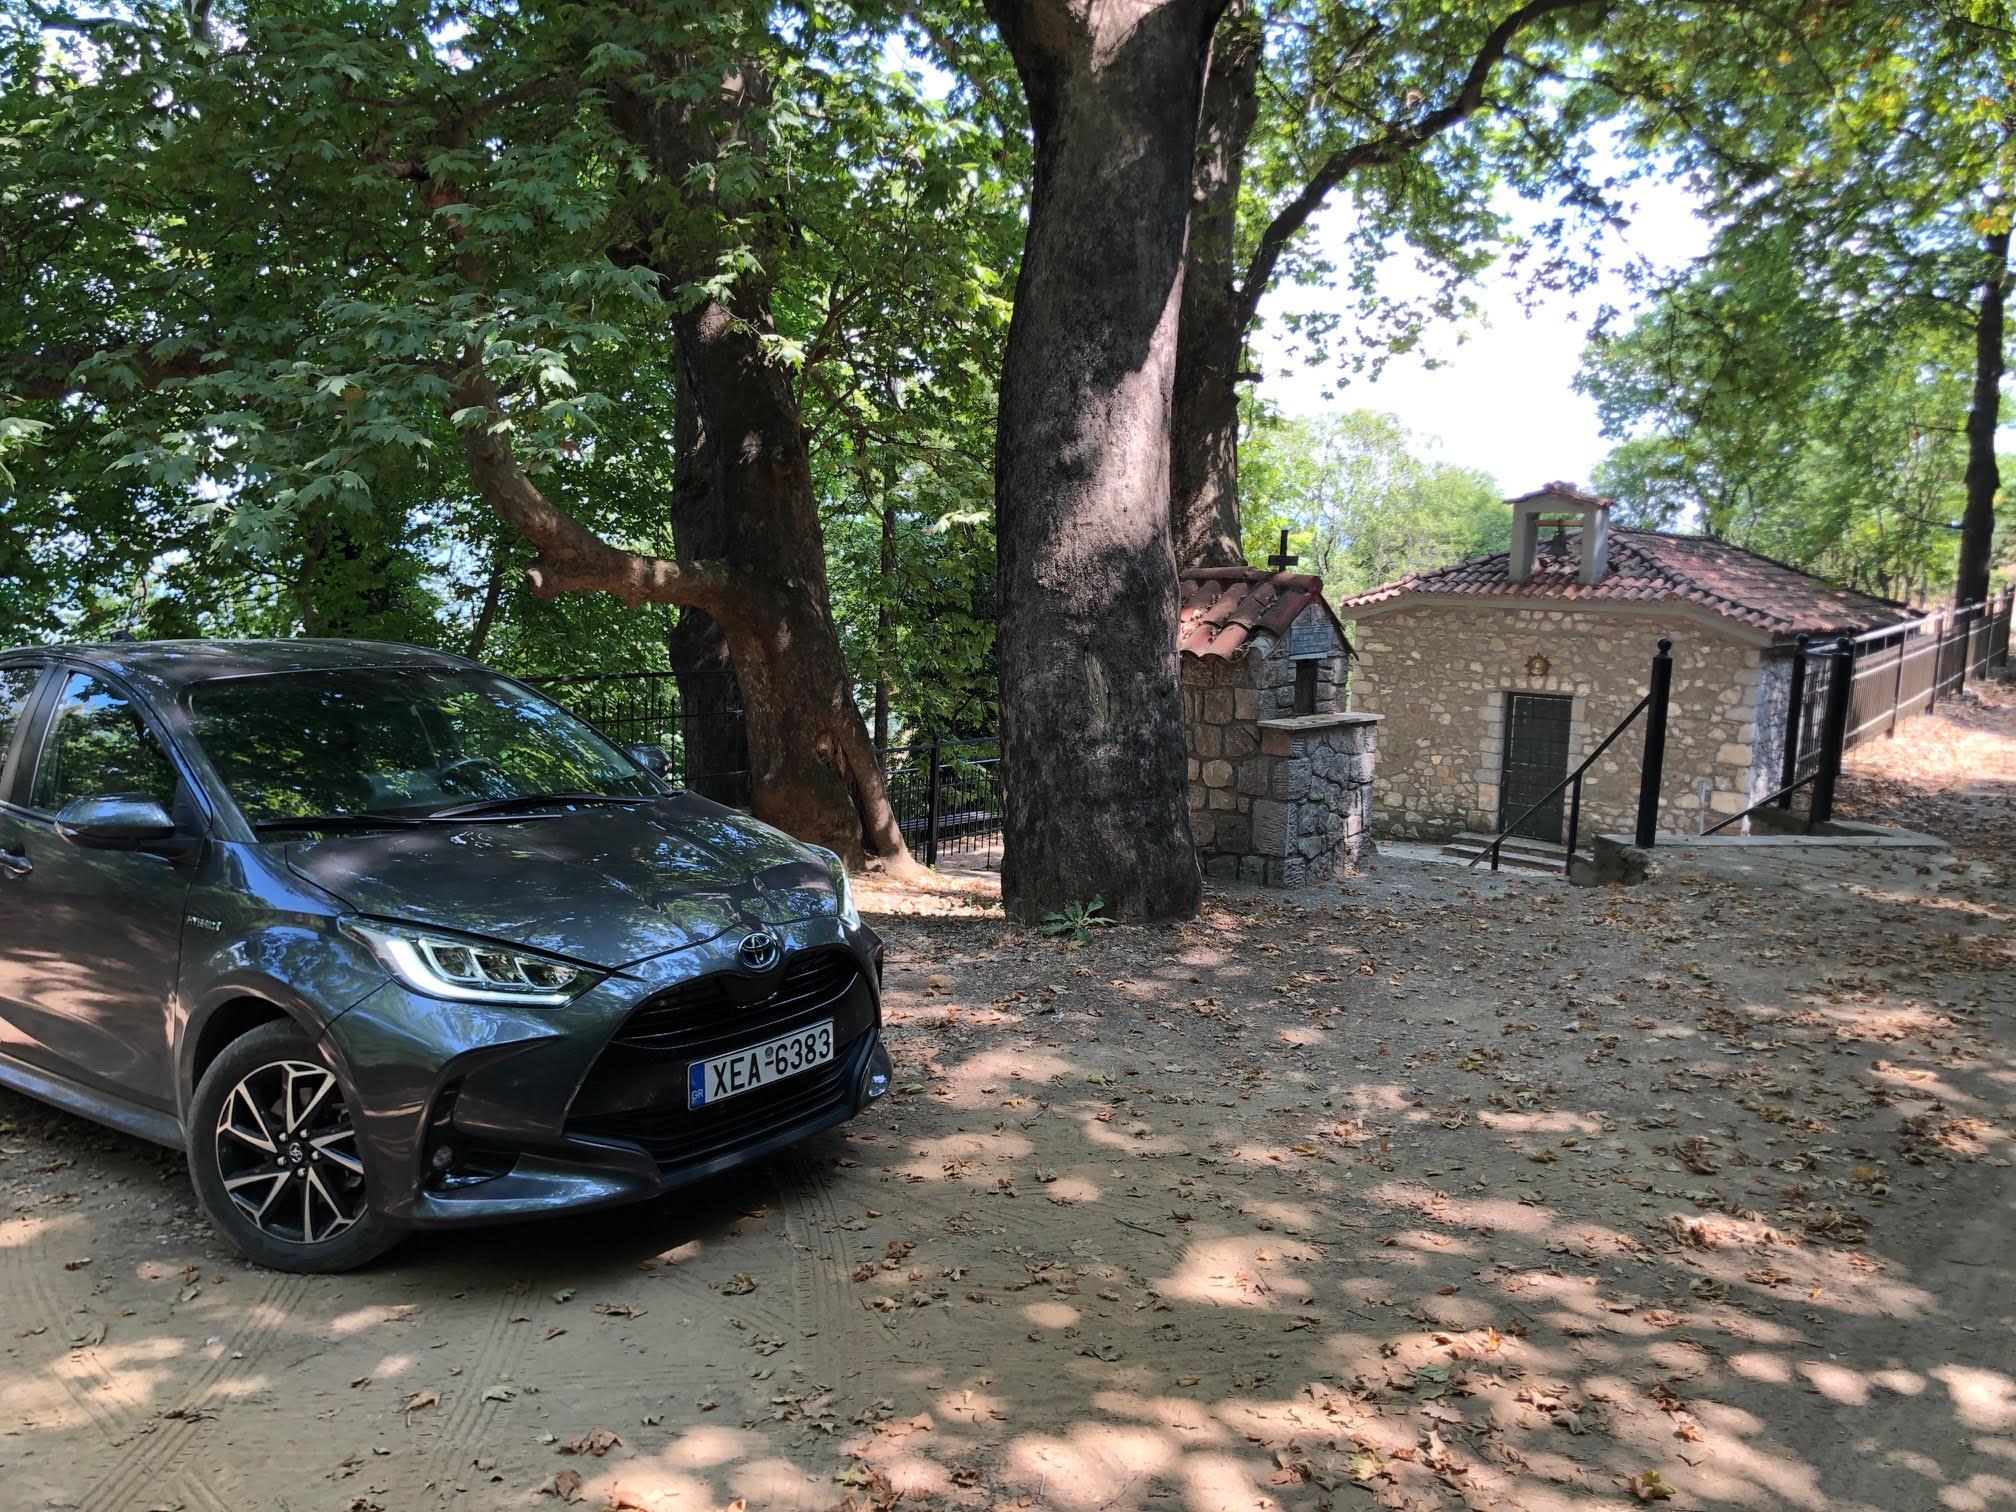 Με το Toyota Yaris Hybrid σε μέρη του EΚΟ Ράλλυ Ακρόπολις